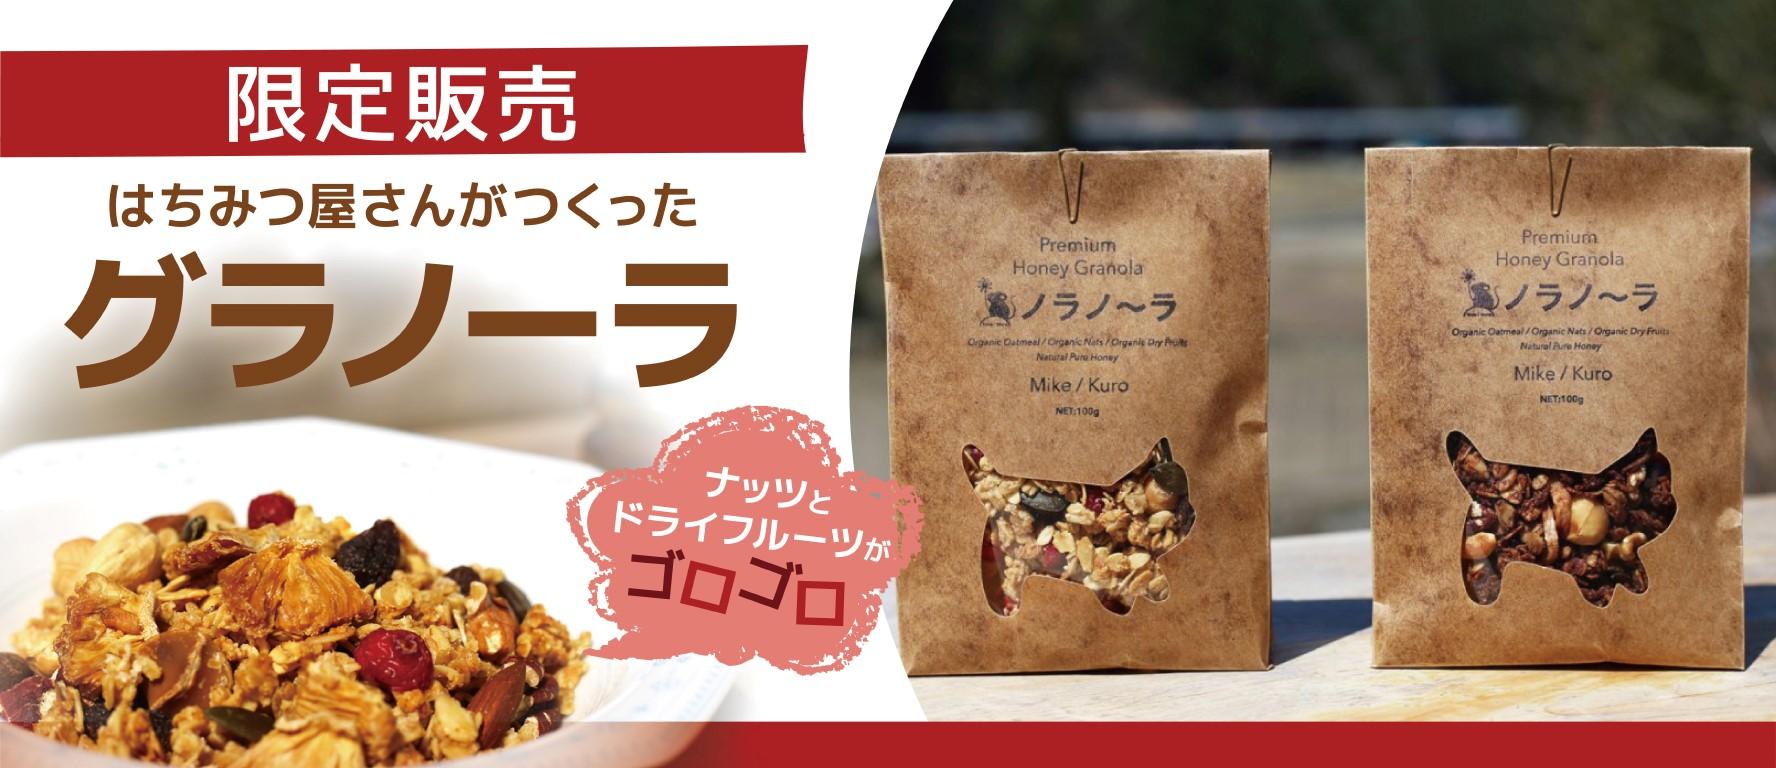 1000円OFFクーポンプレゼント!